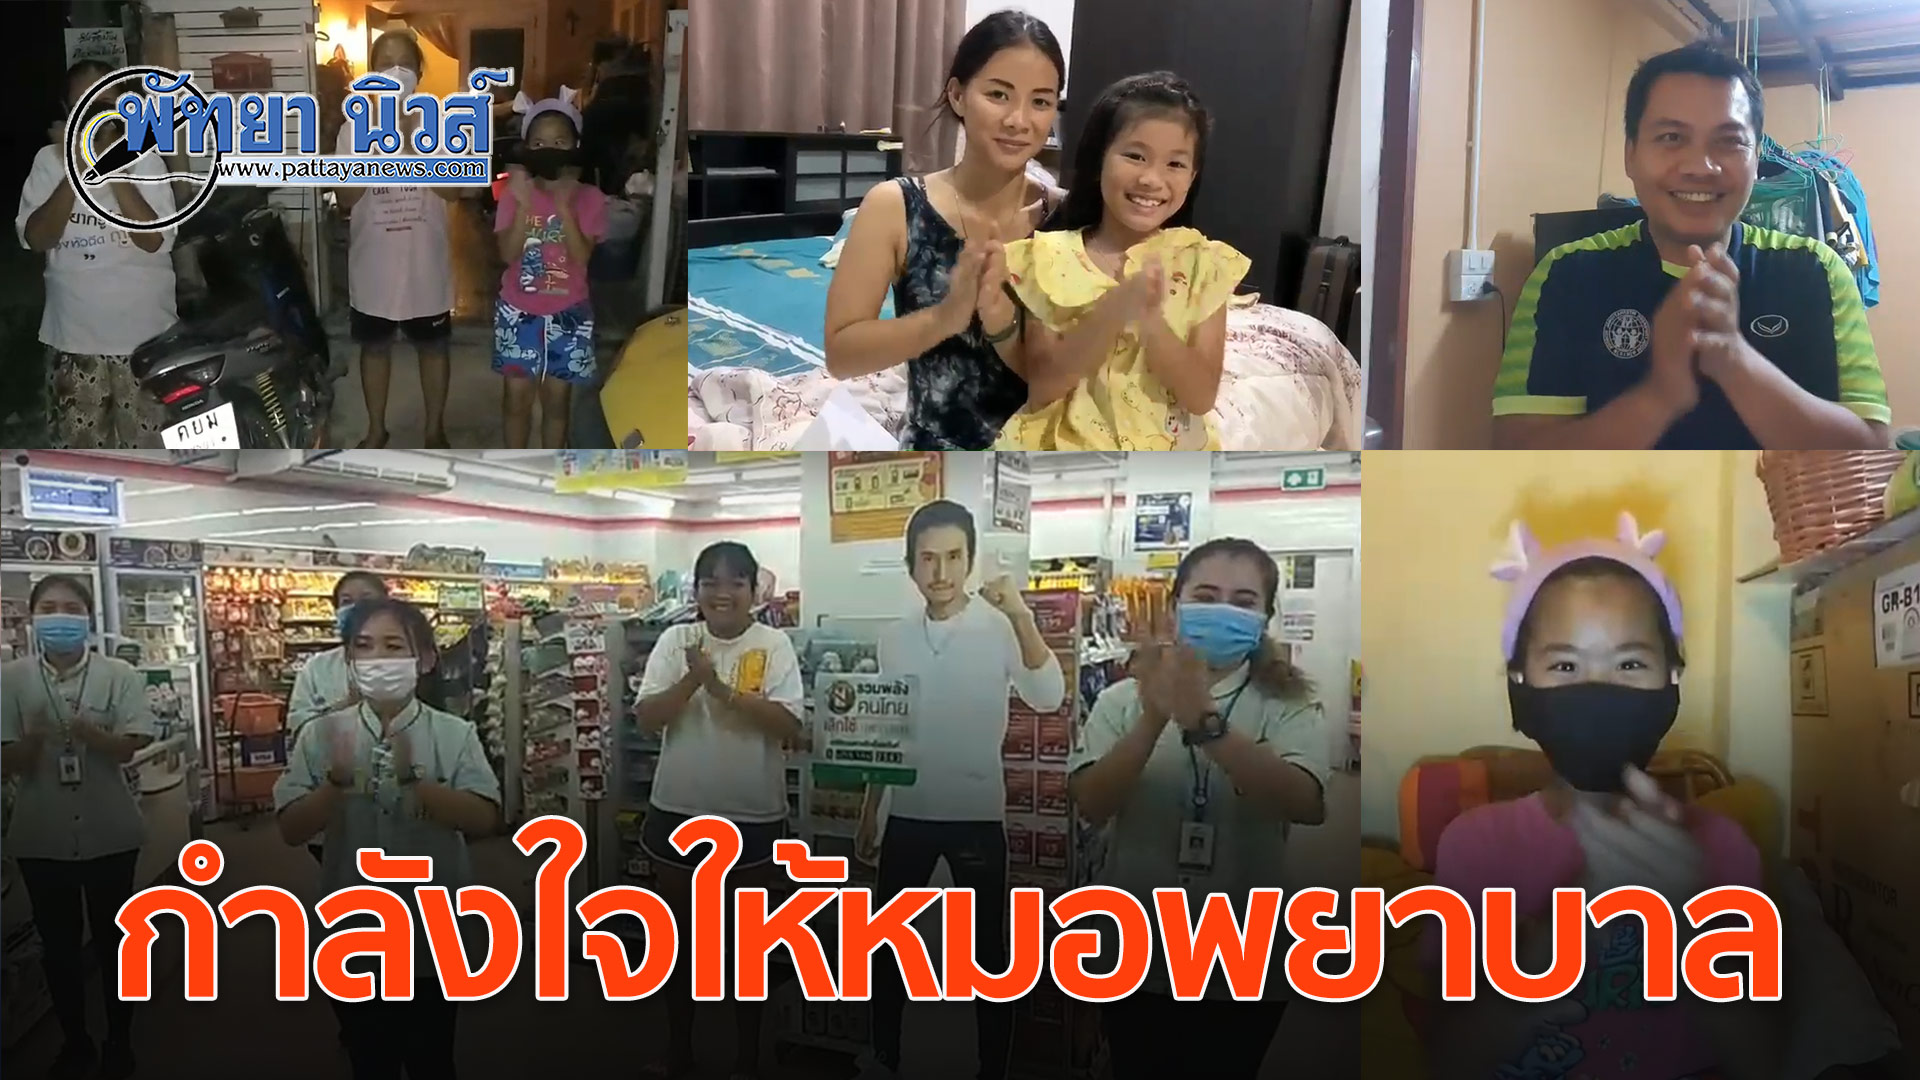 """ชาวชลบุรี พร้อมใจปรบมือส่งกำลังใจให้ """"หมอ-พยาบาล"""" ทำงานหนักสู้โควิด 19"""